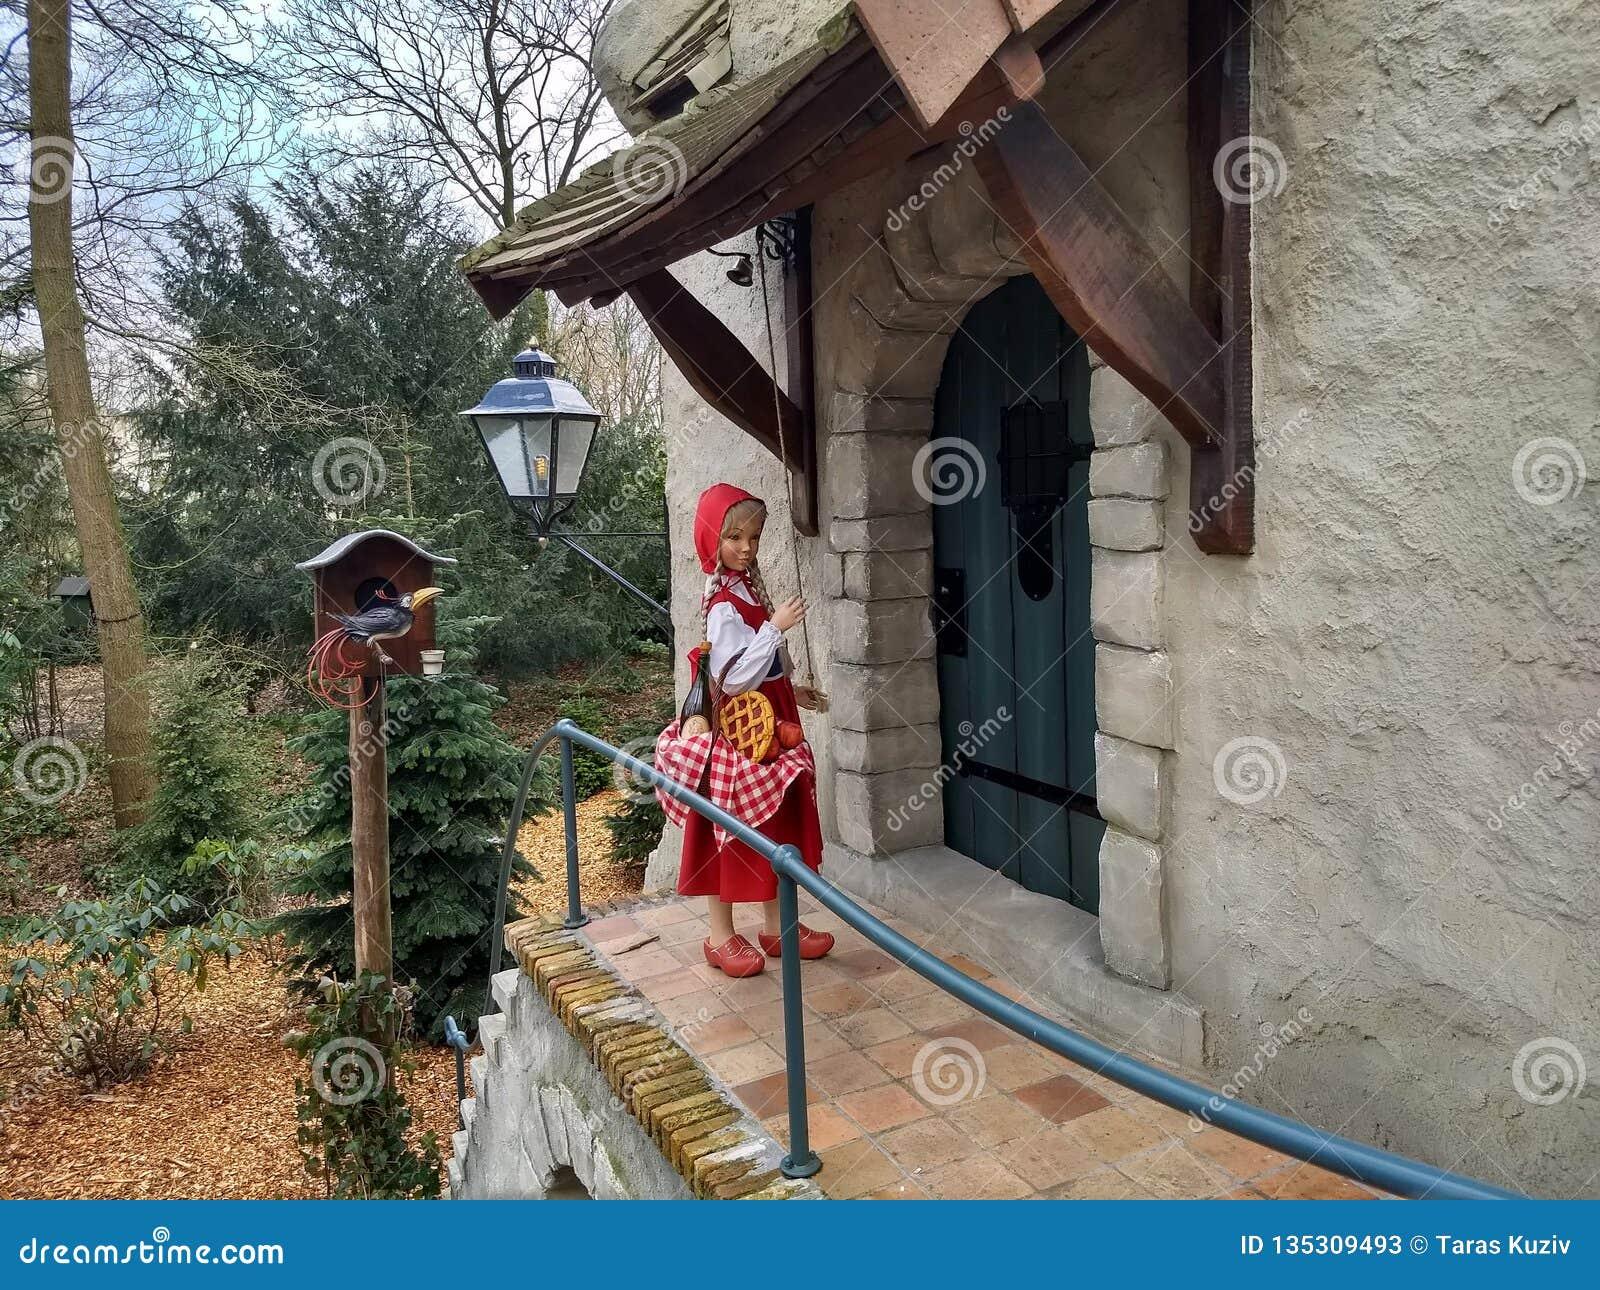 Kaatsheuvel/Países Baixos - 29 de março de 2018: Pouco capa vermelha perto da porta de uma casa no parque temático Efteling